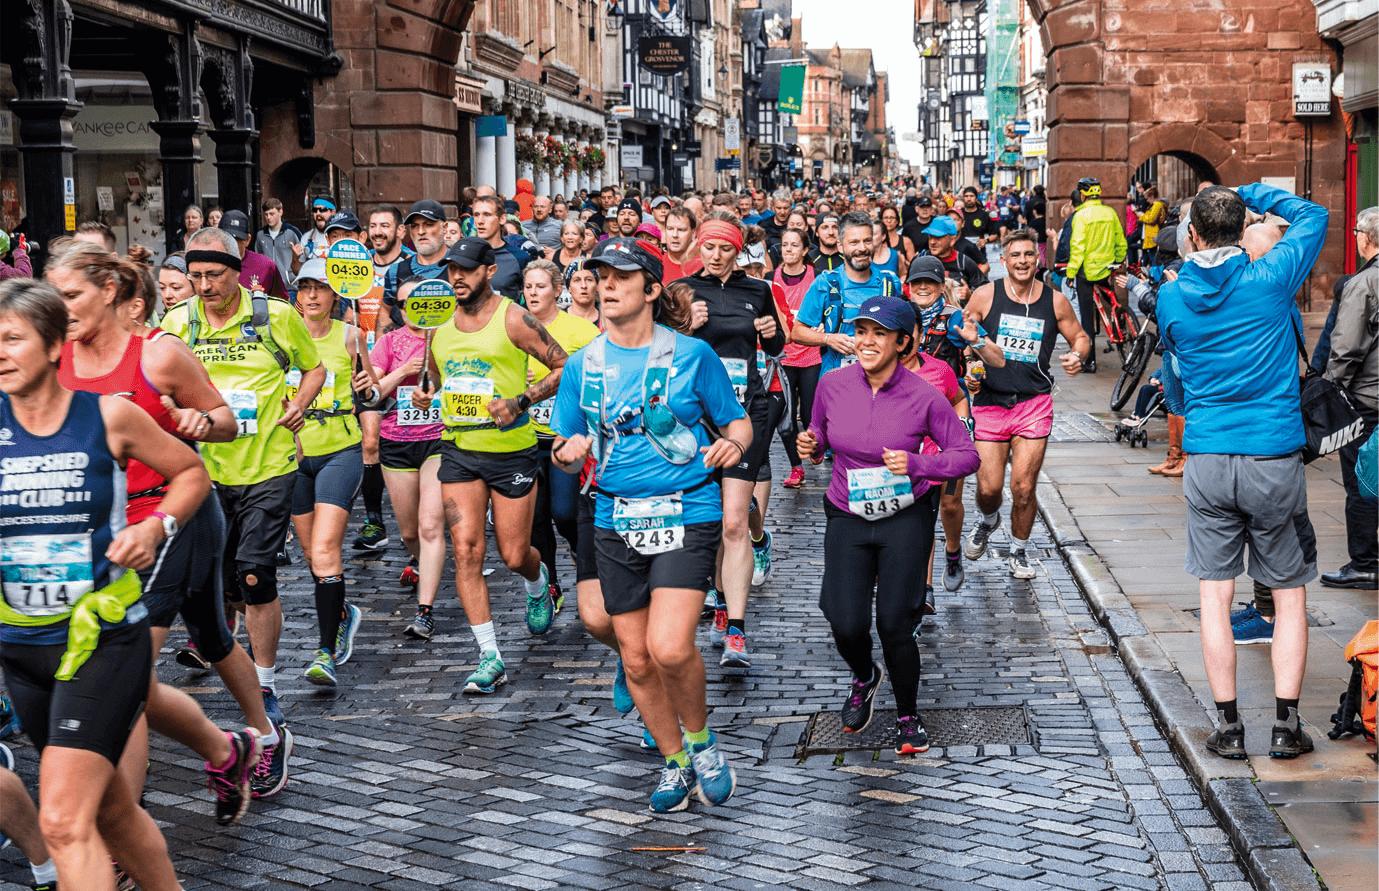 MBNA Chester Marathon \u0026 MBNA Chester Metric Marathon - cover image